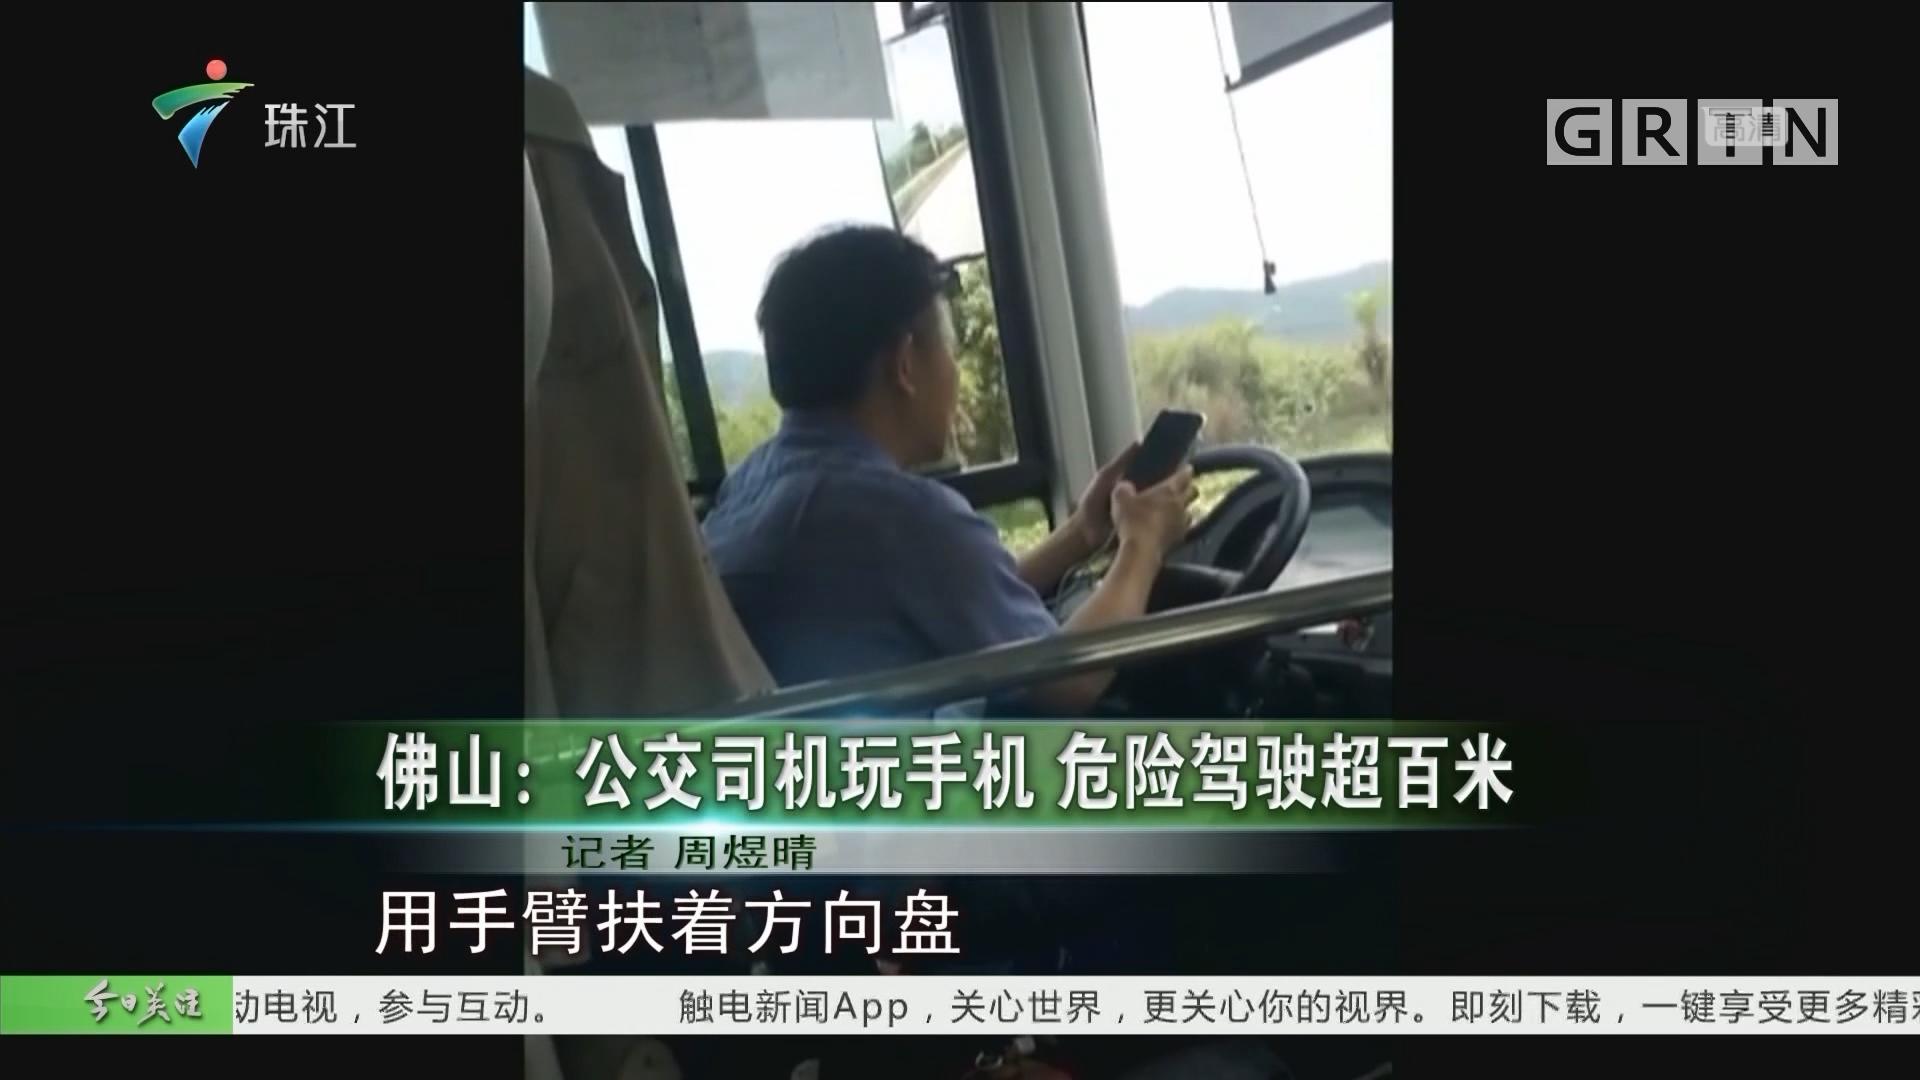 佛山:公交司机玩手机 危险驾驶超百米